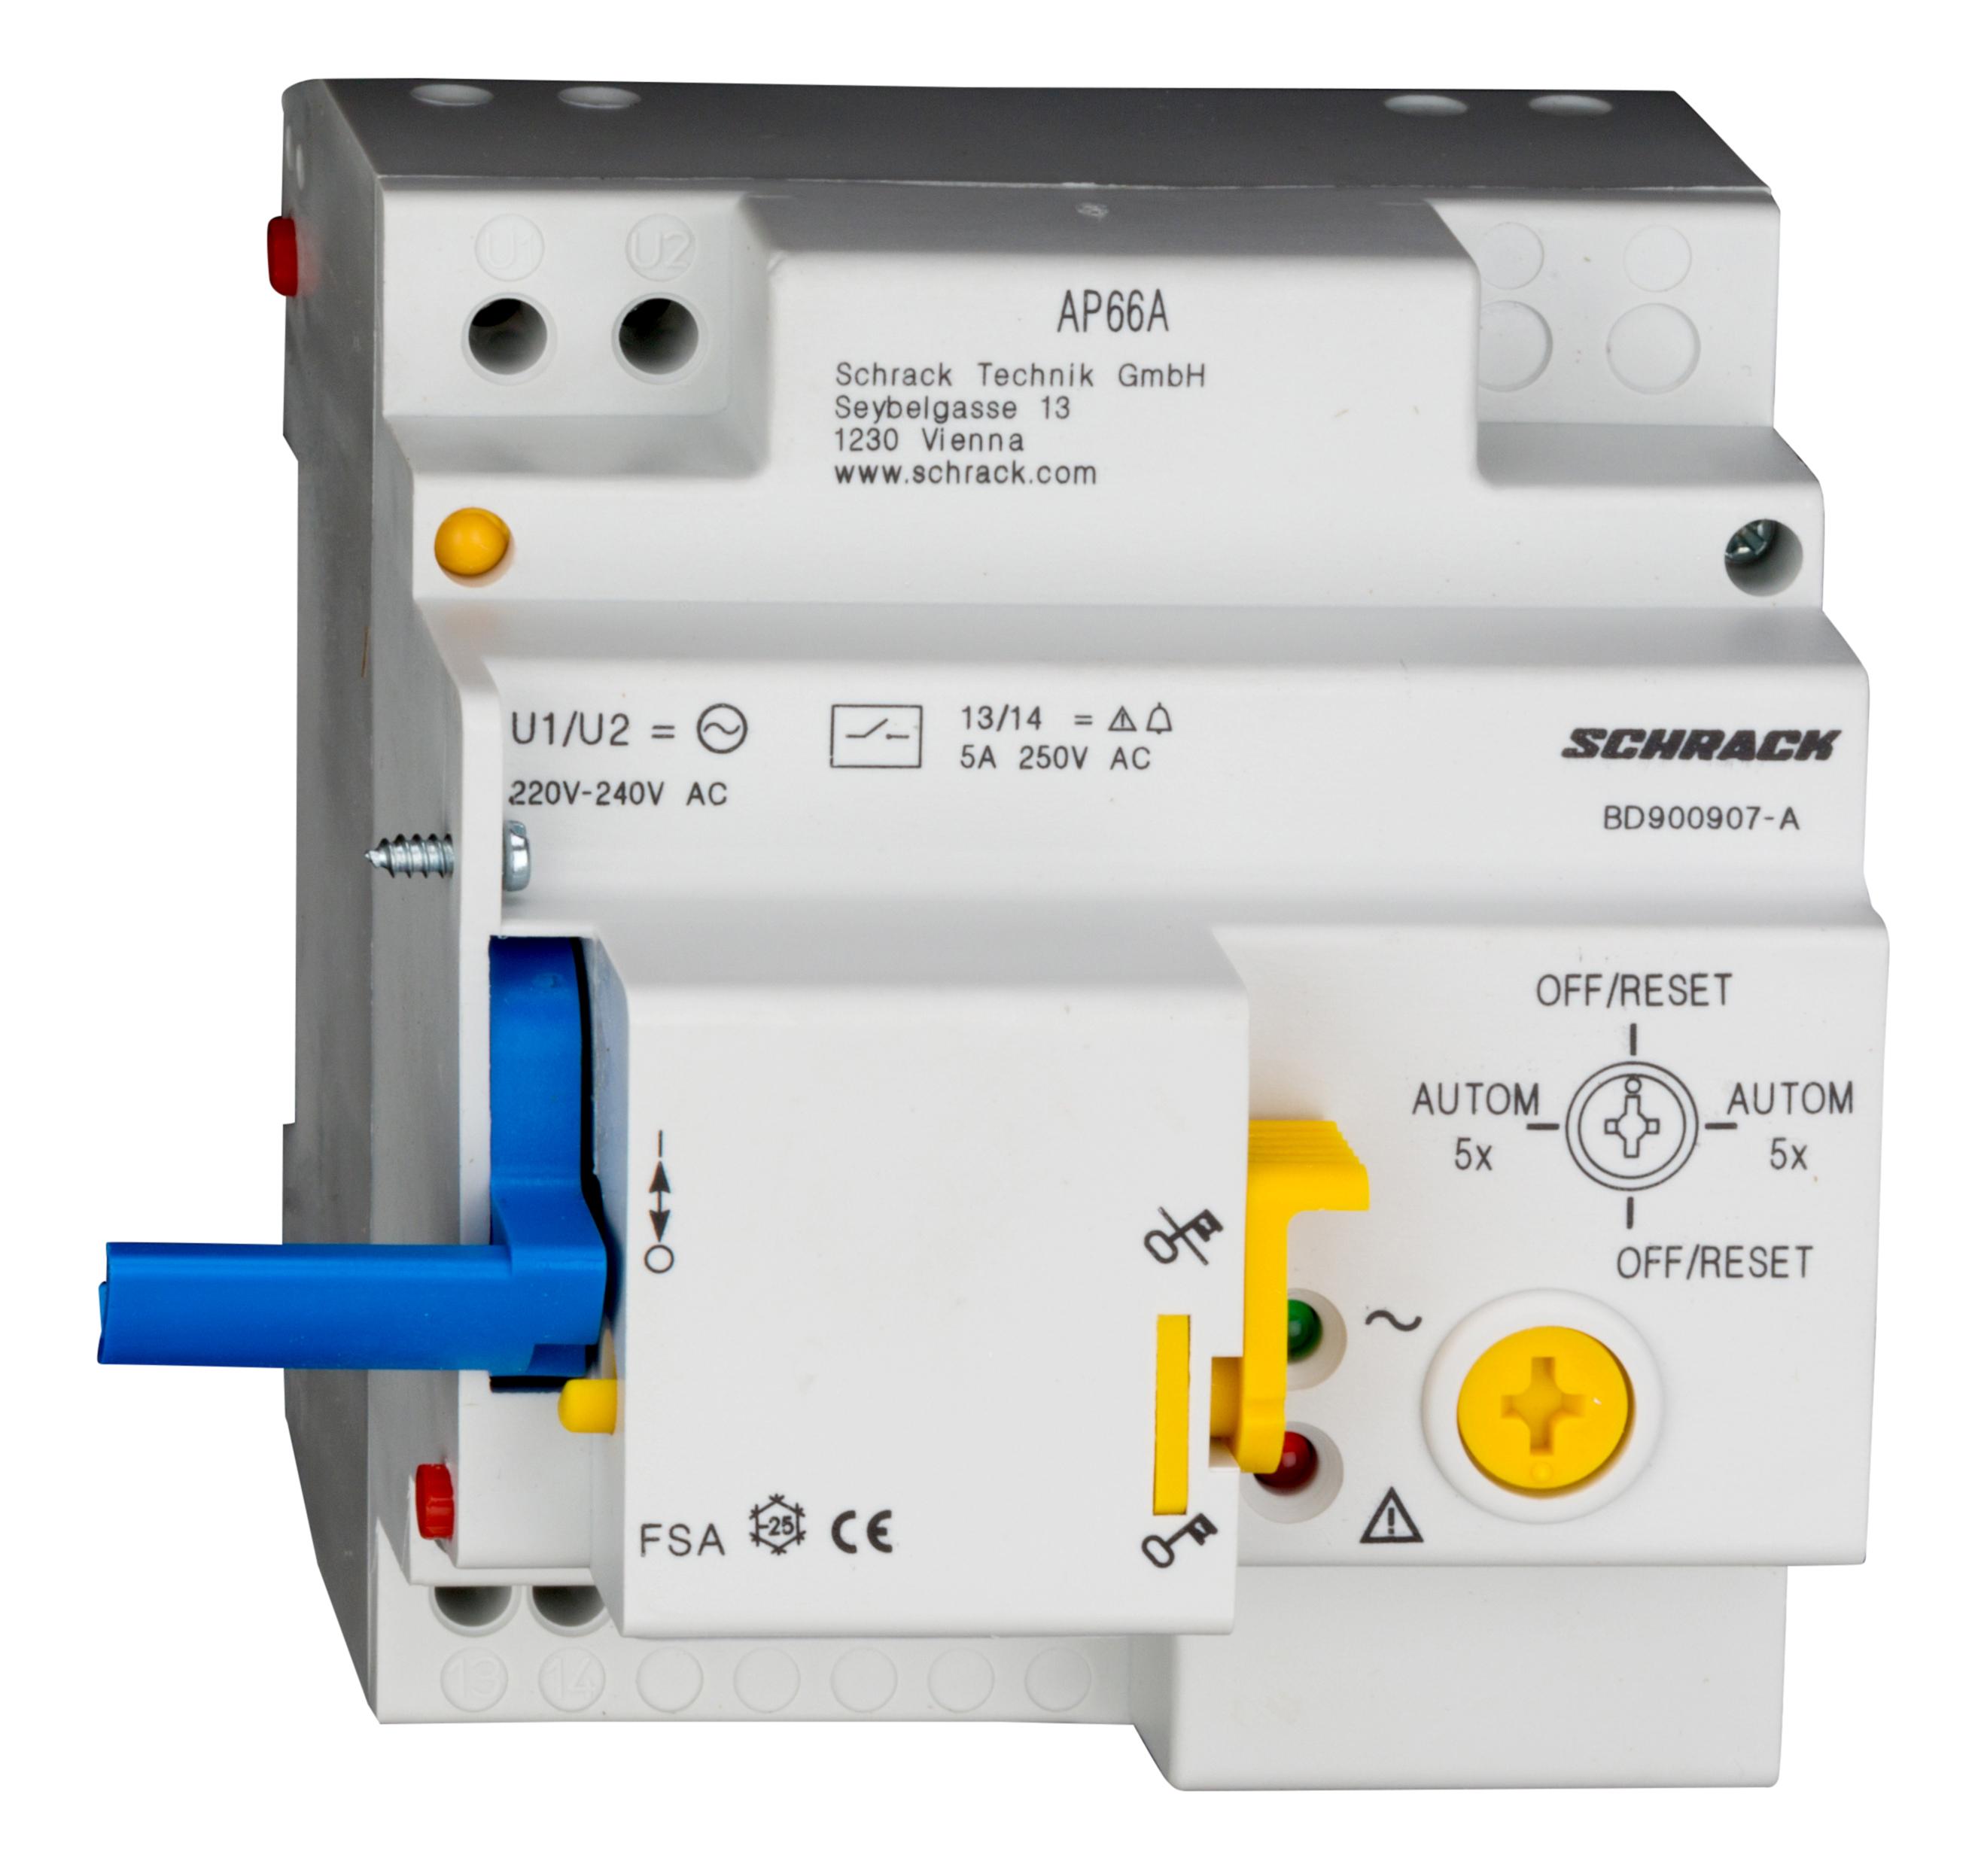 1 Stk Fernschaltautomatik 230VAC, Type FSA BD900907-A